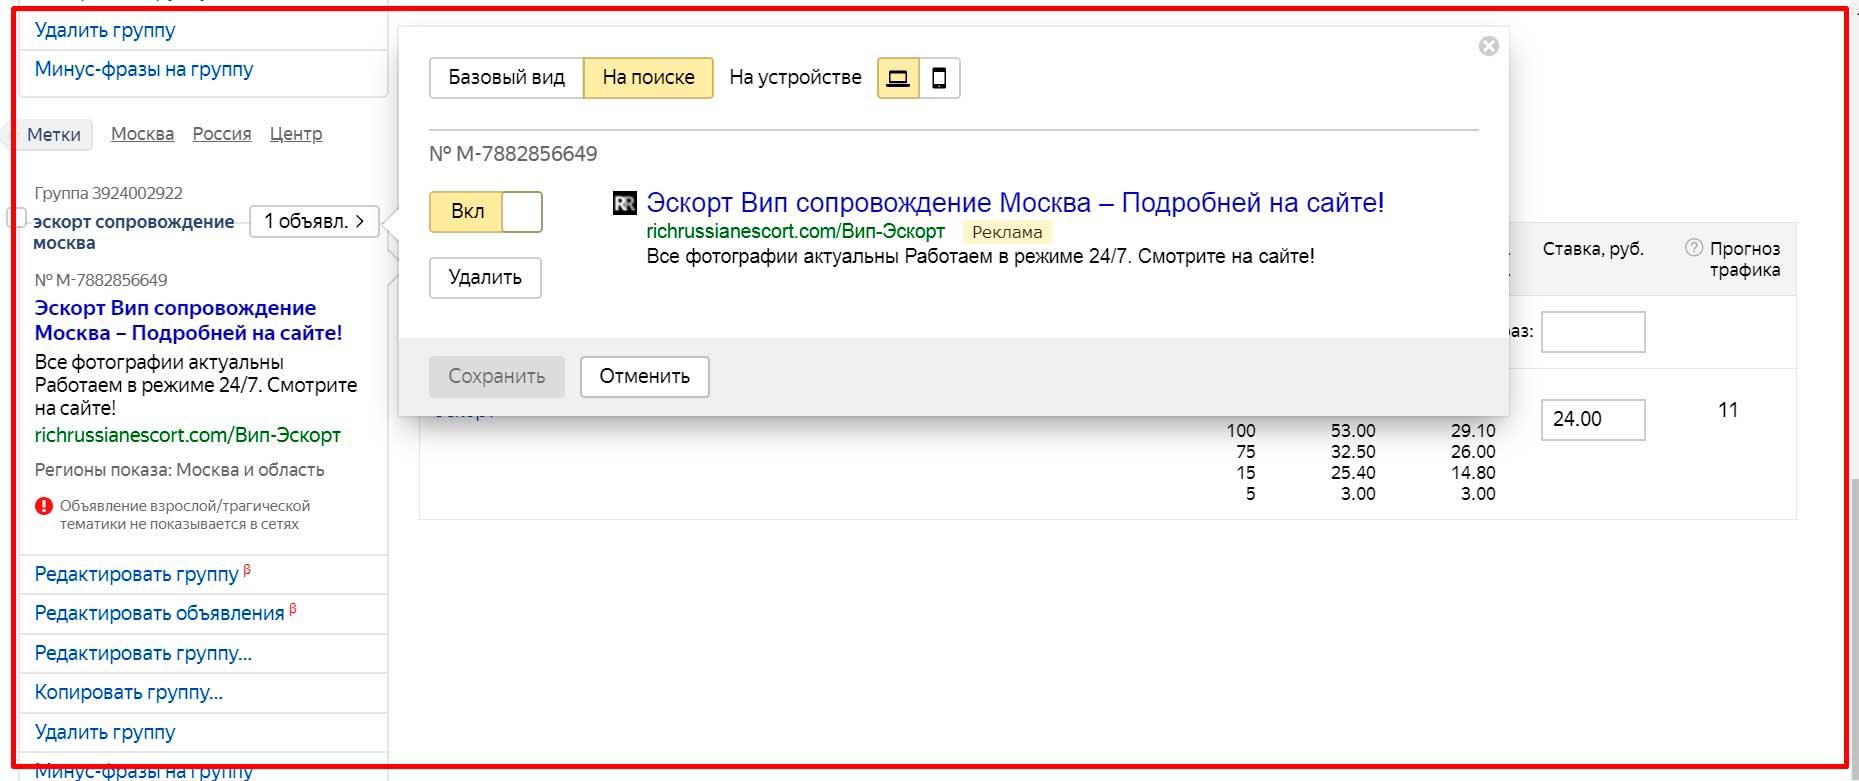 Особенности рекламы сайта эскорт услуг в Яндекс Директ.